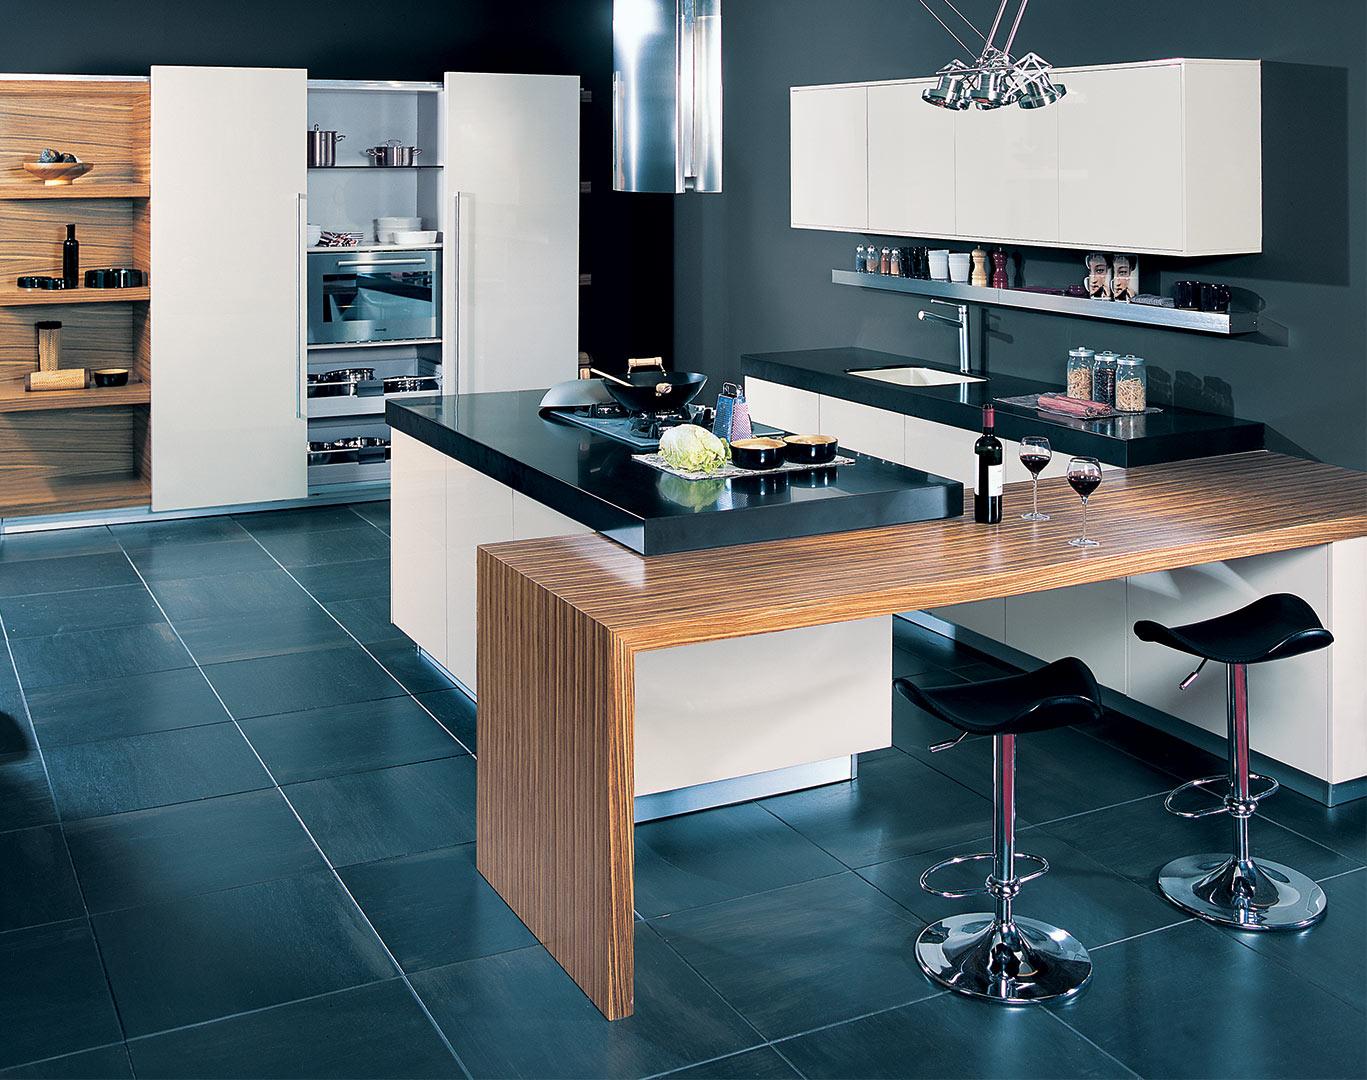 chill modern kitchen